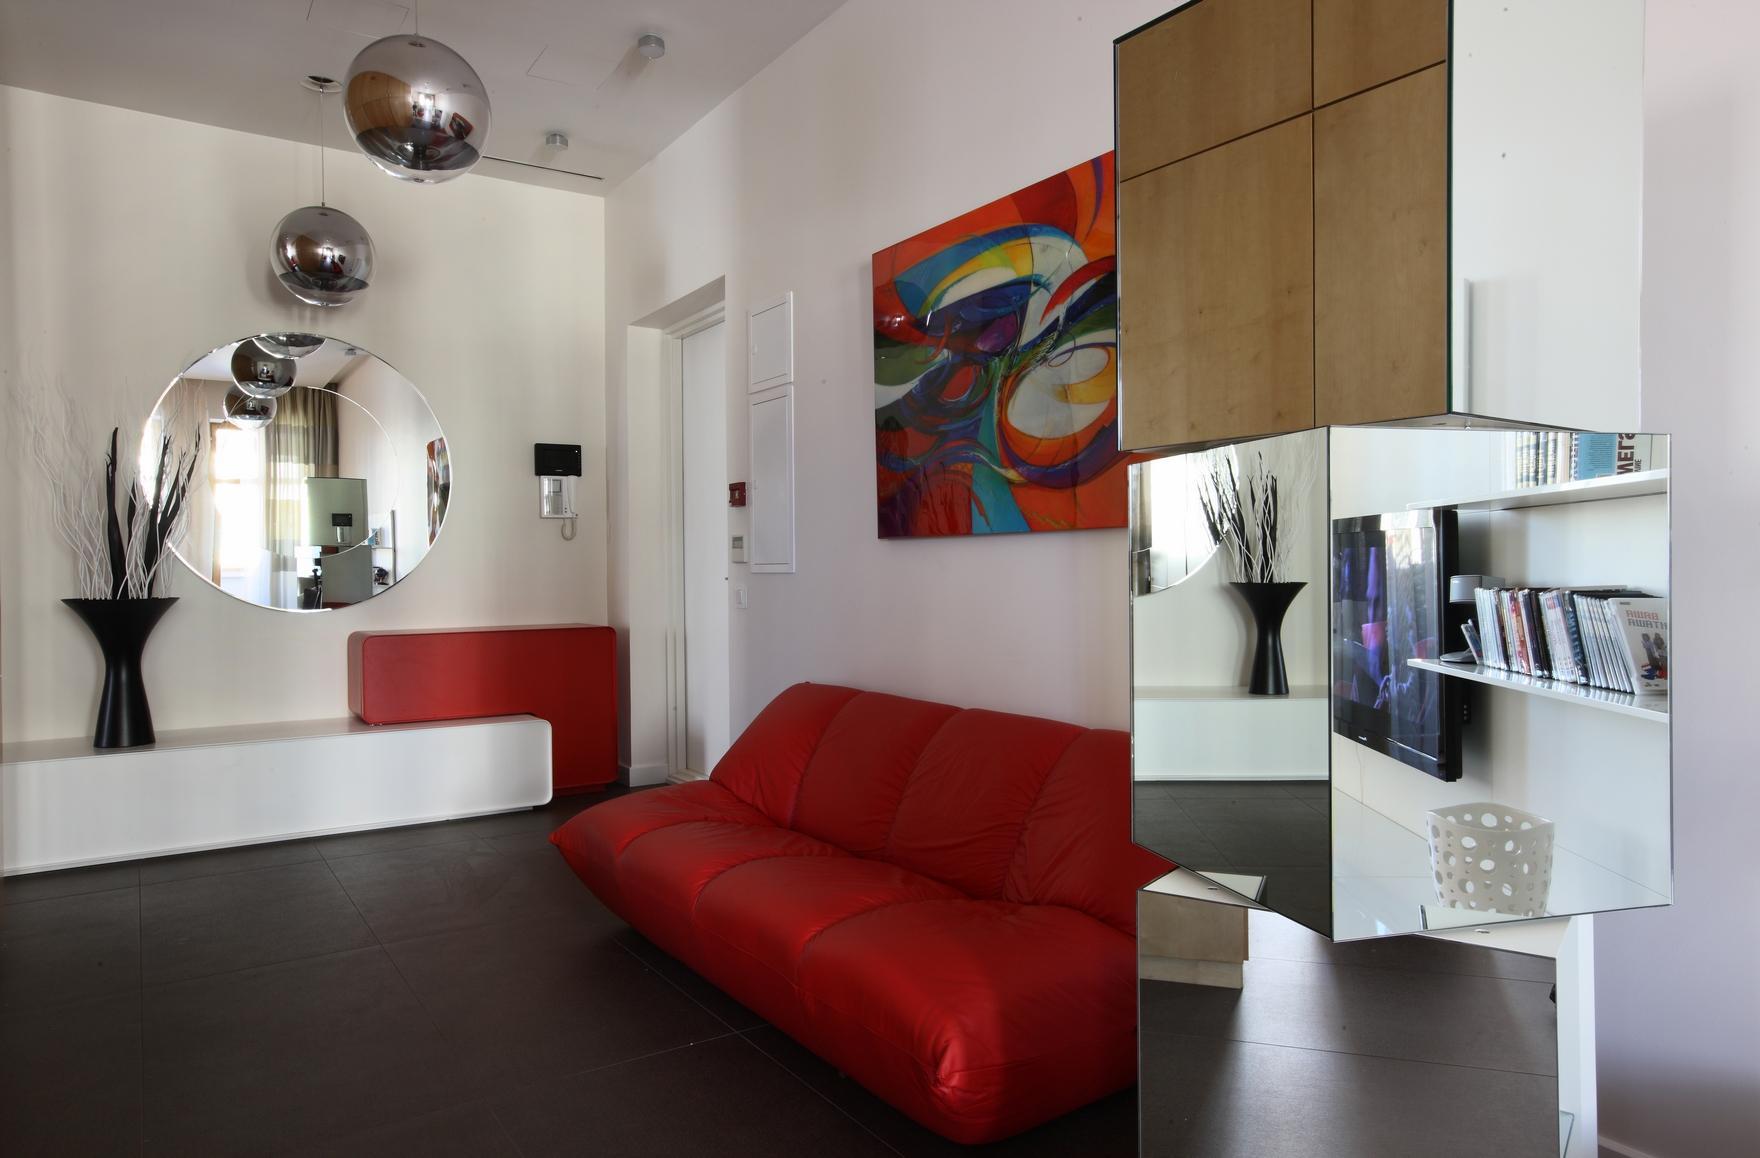 Комната для подростка с красным диваном и зеркальными поверхностями